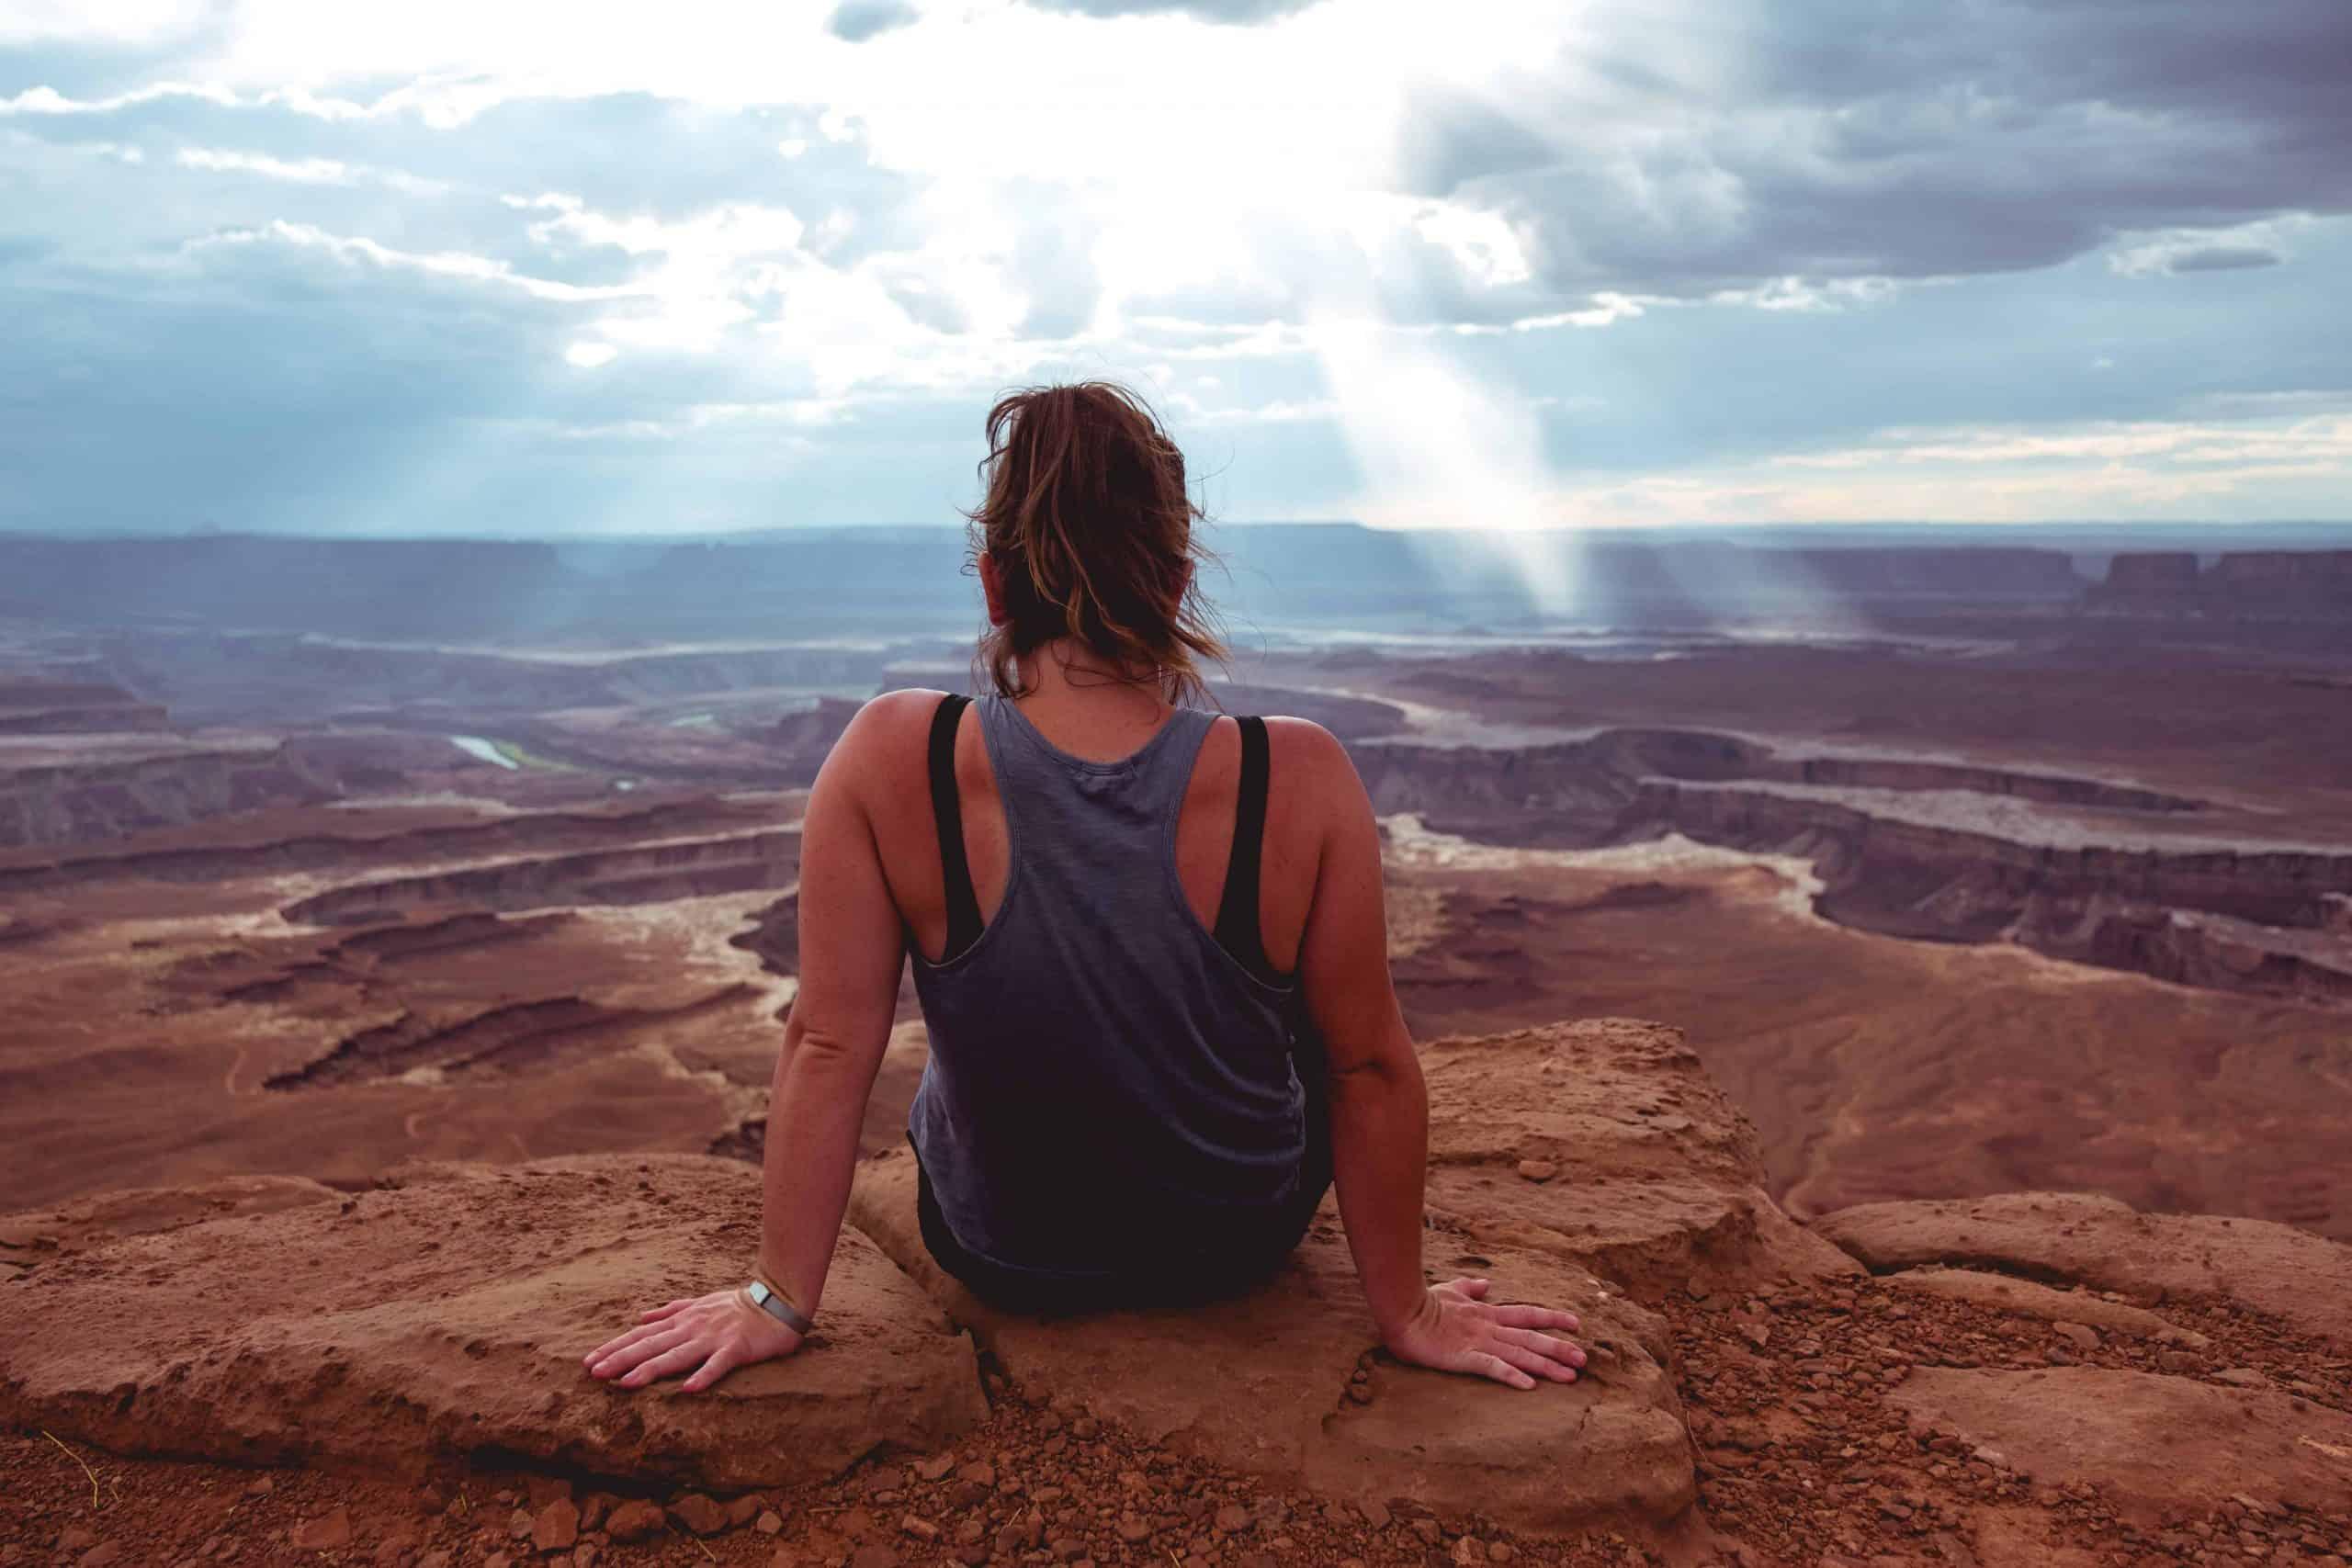 Eine Frau in einem Gürtel sitzt auf einem Felsen